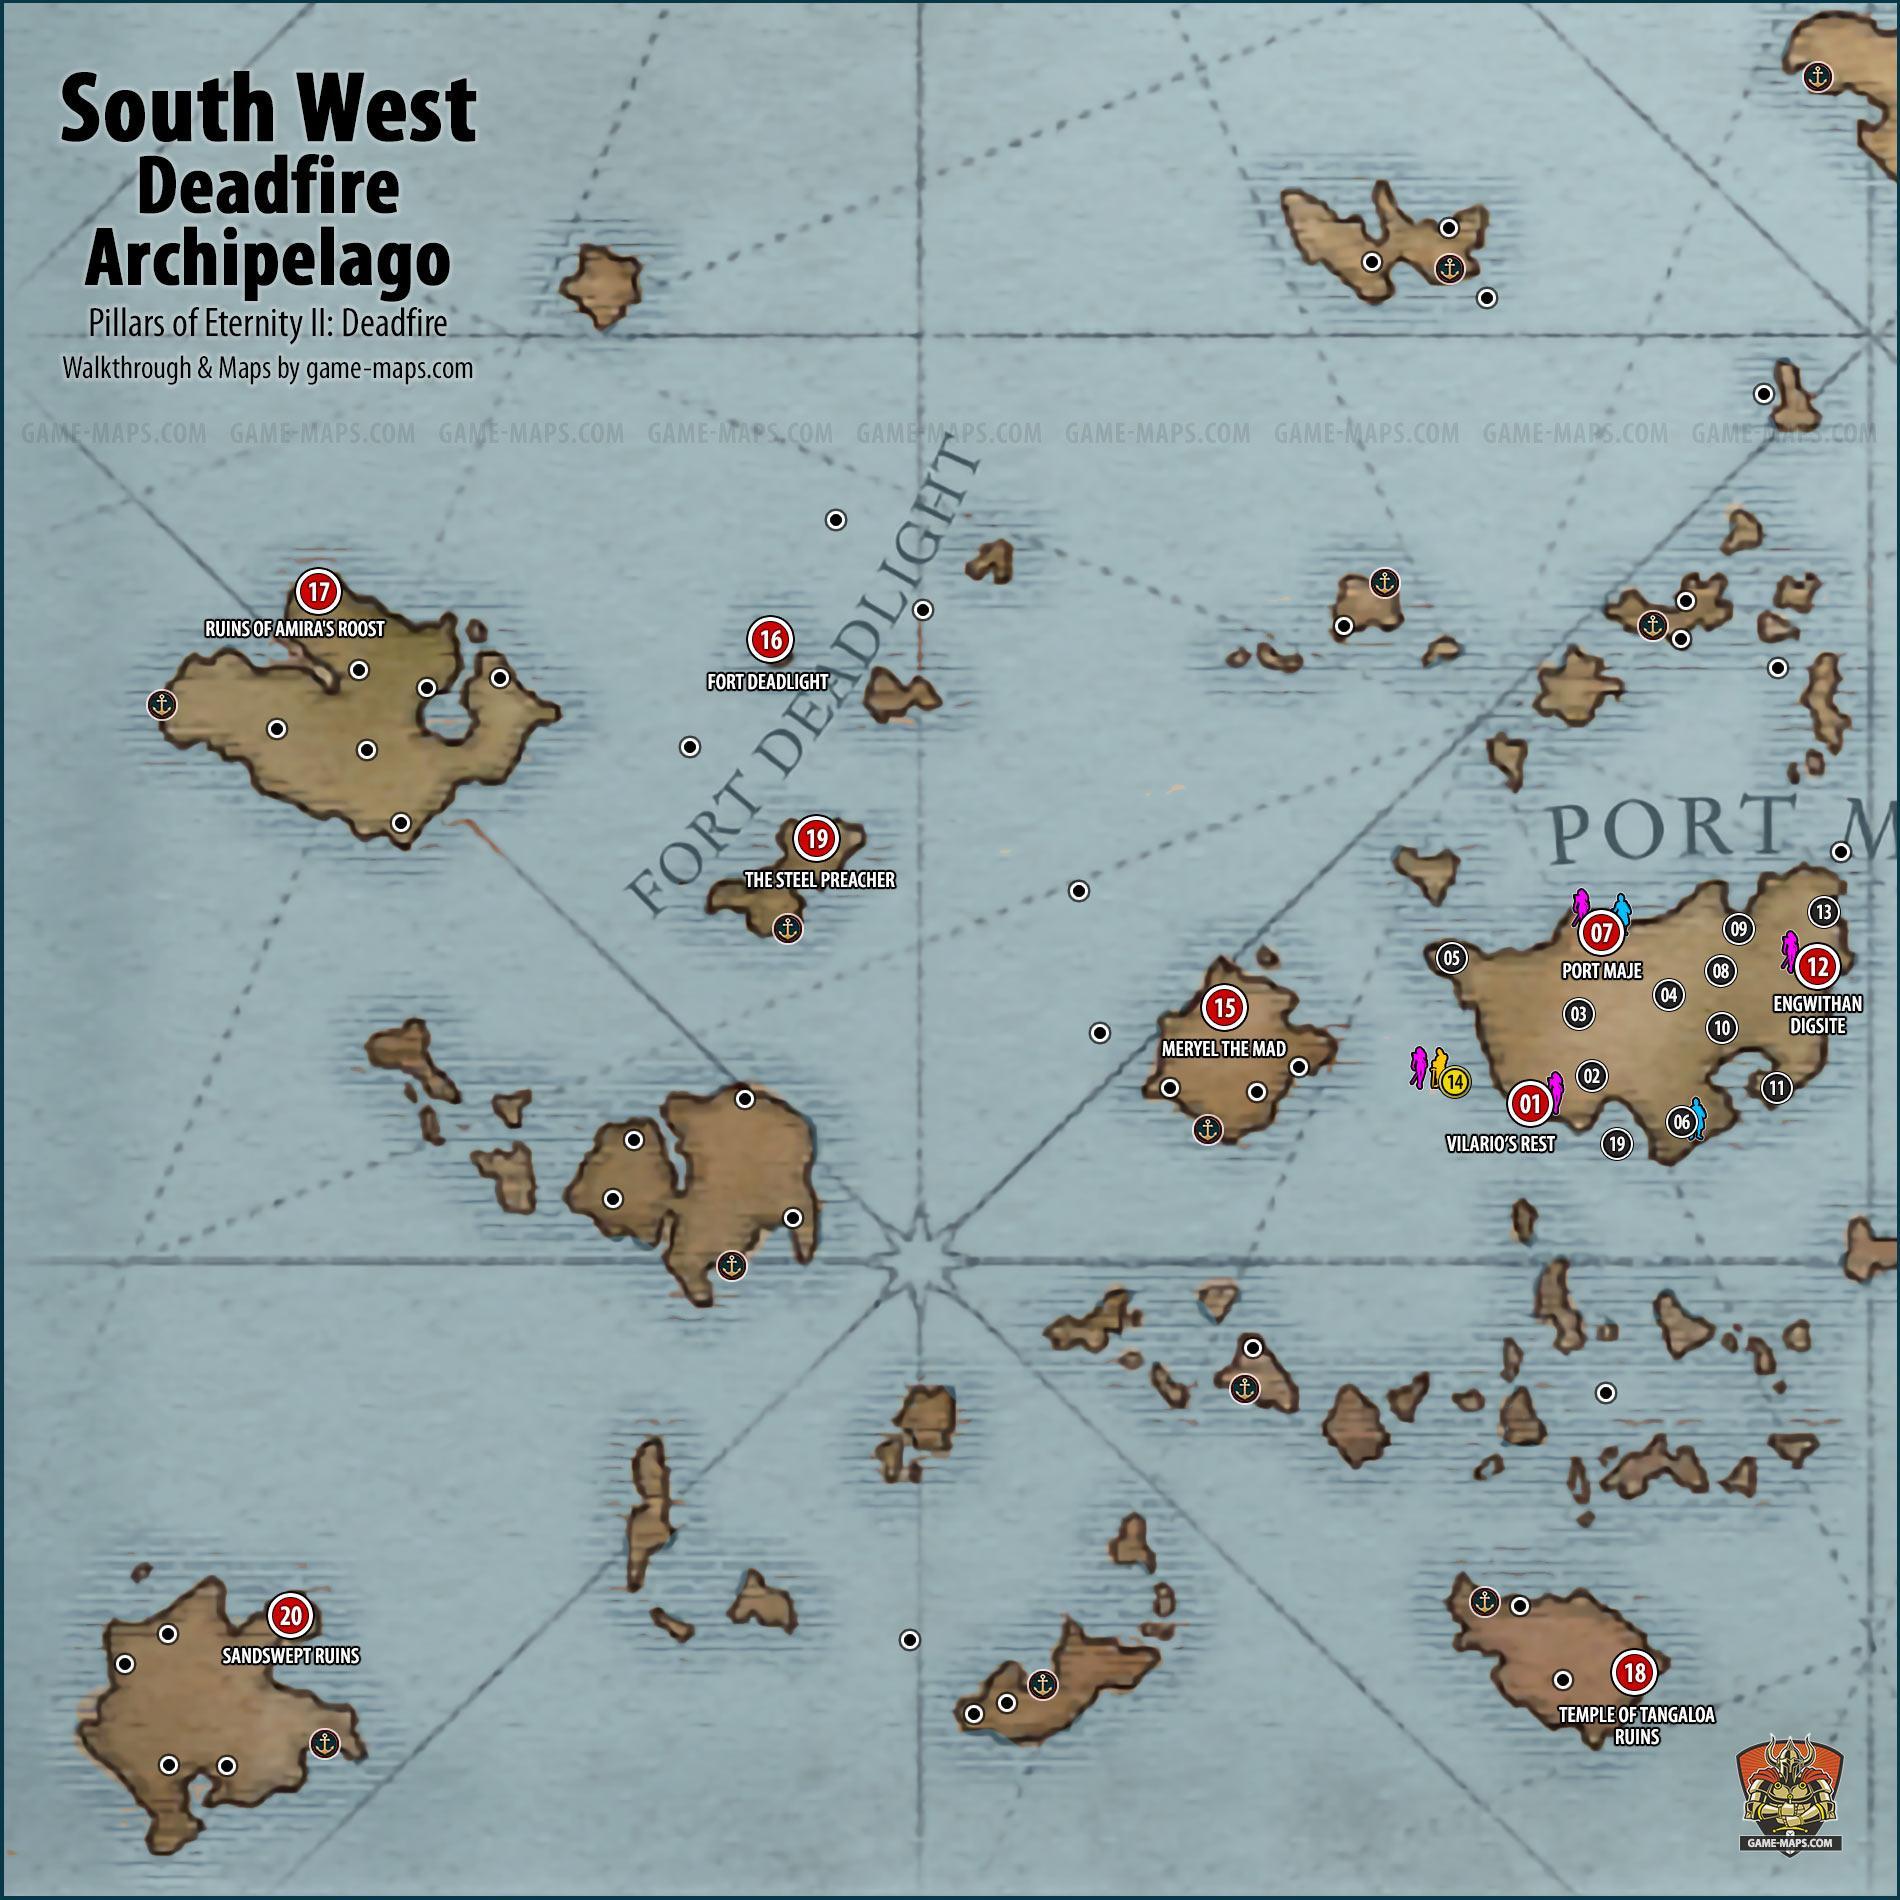 South Western Region of Deadfire Archipelago | game maps.com